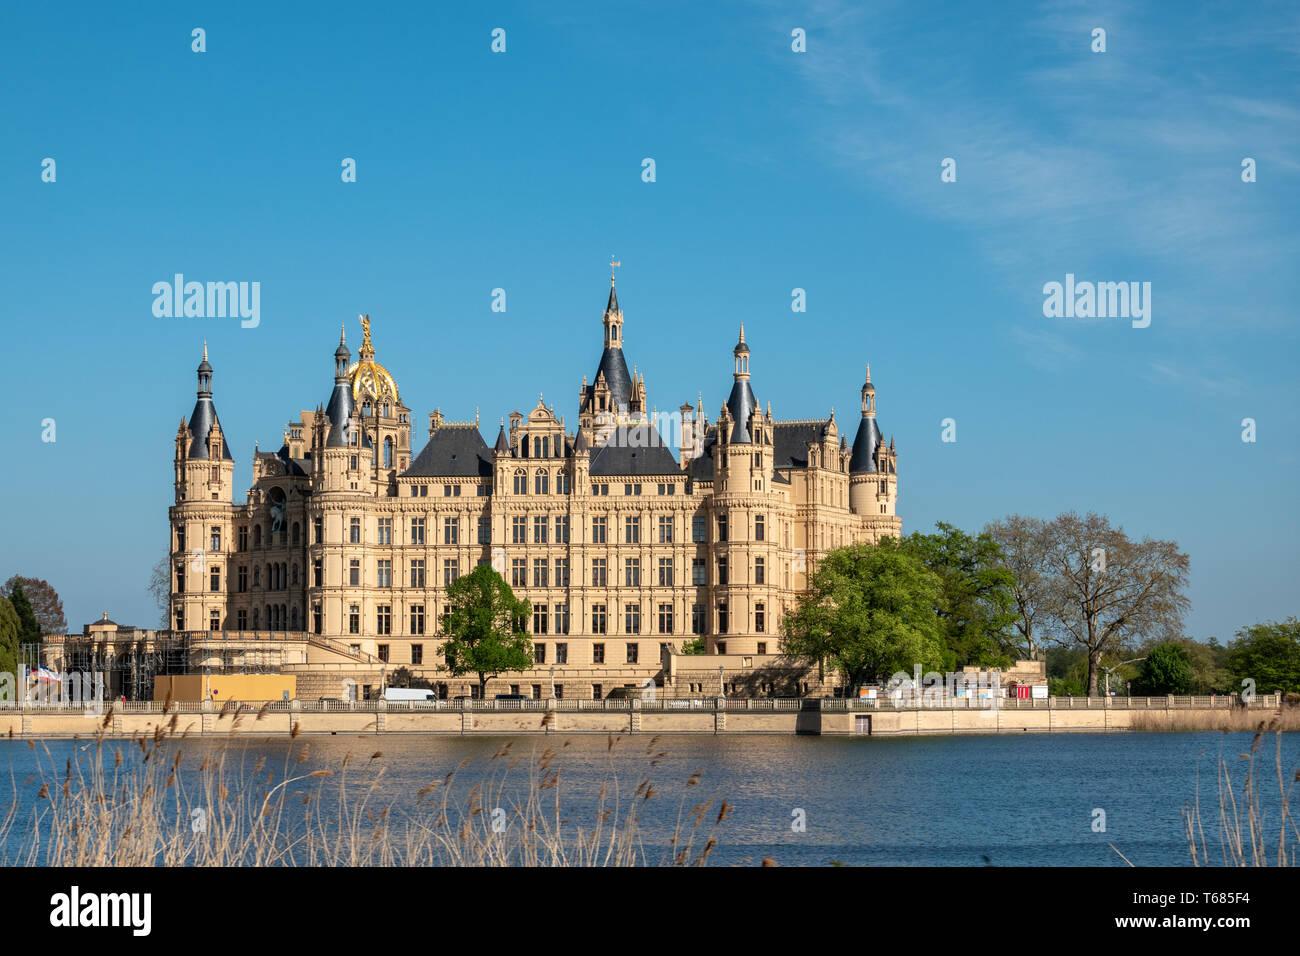 Das Schweriner Schloss im Frühjahr in den schönsten Wetter vor dem blauen Himmel Stockfoto